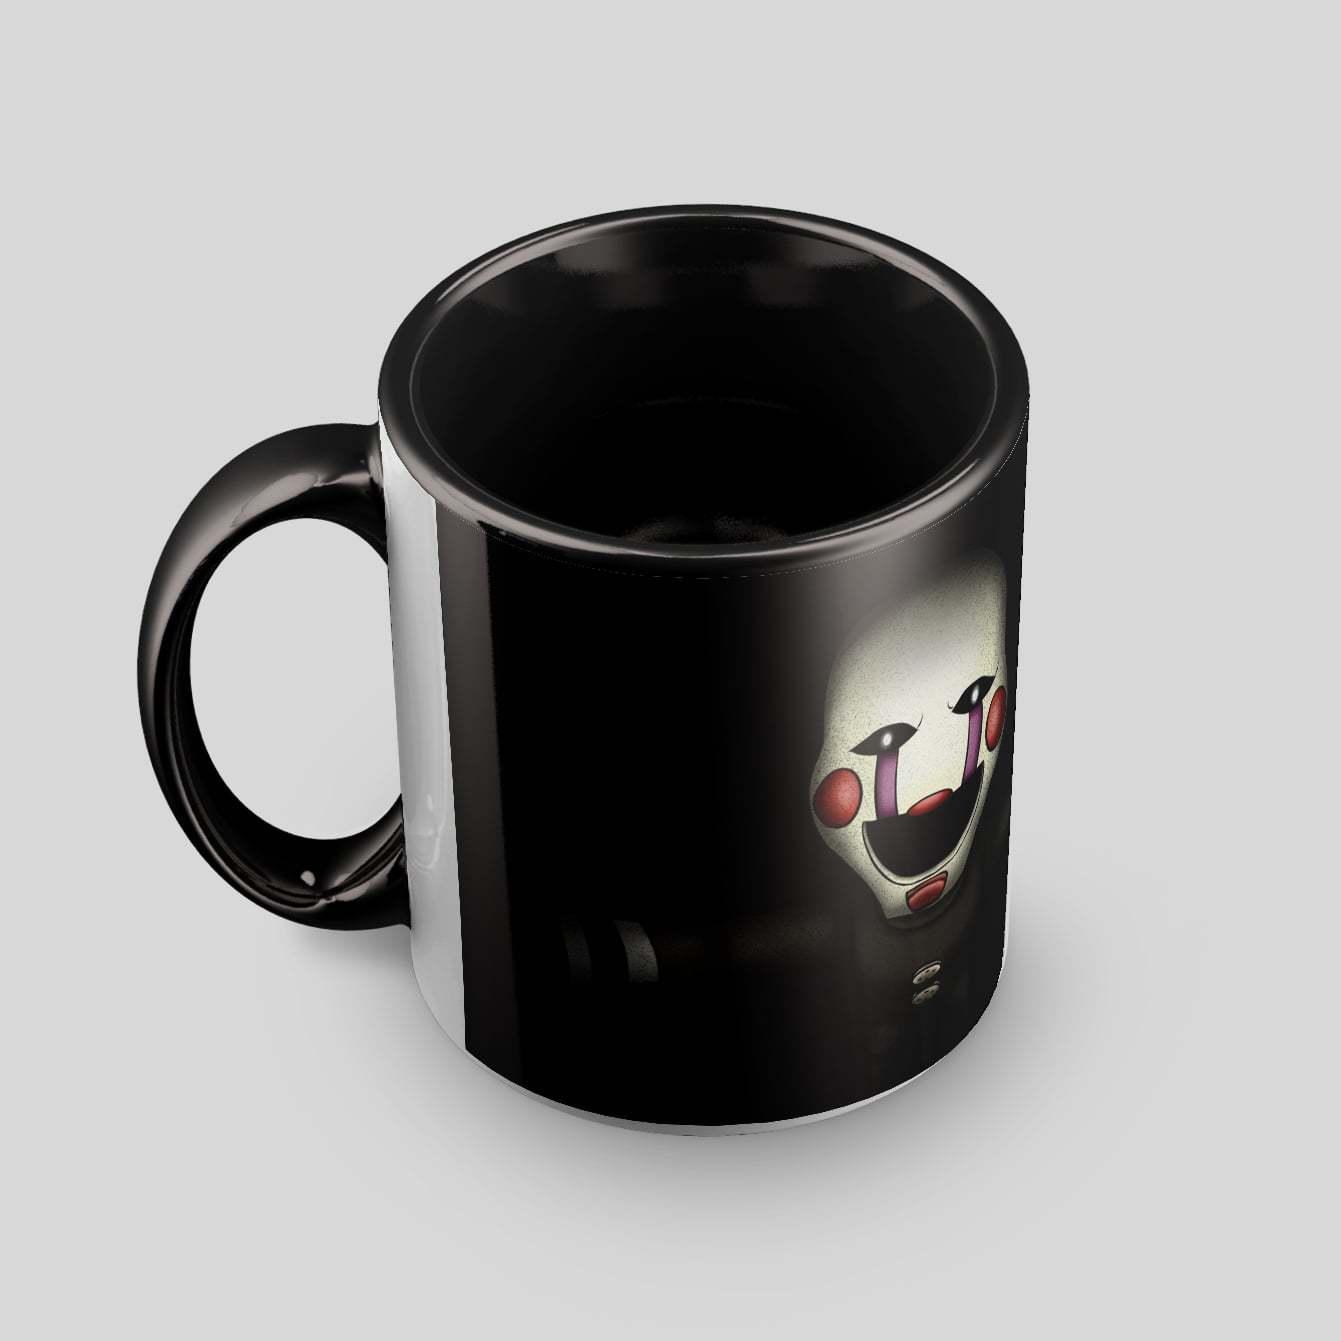 Чёрная кружка с Марионеткой (4 ракурс) - купить в интернет-магазине kinoshop24.ru